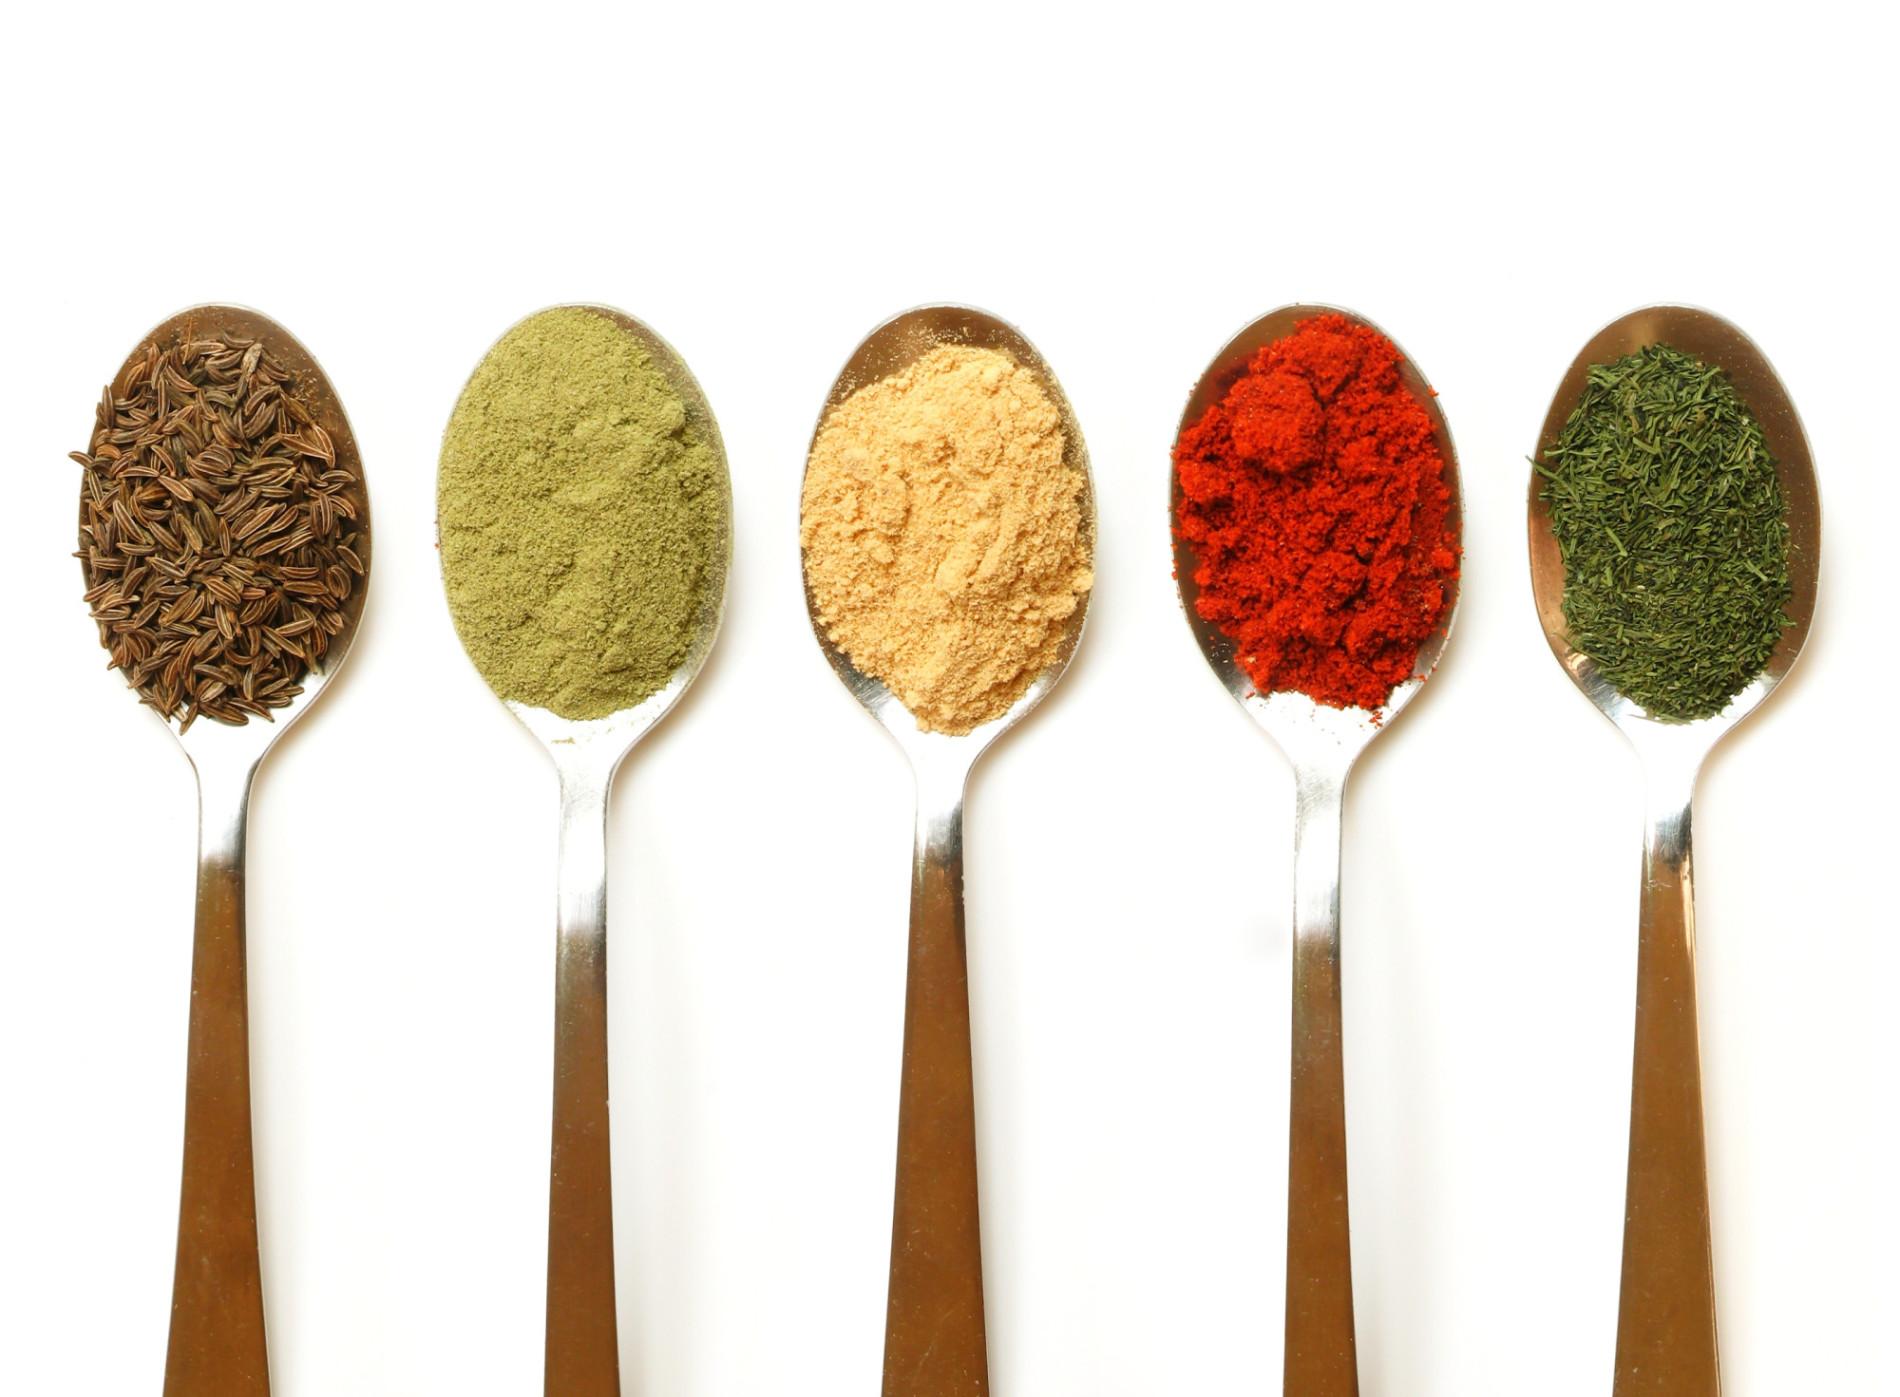 Add a bit of Spice!